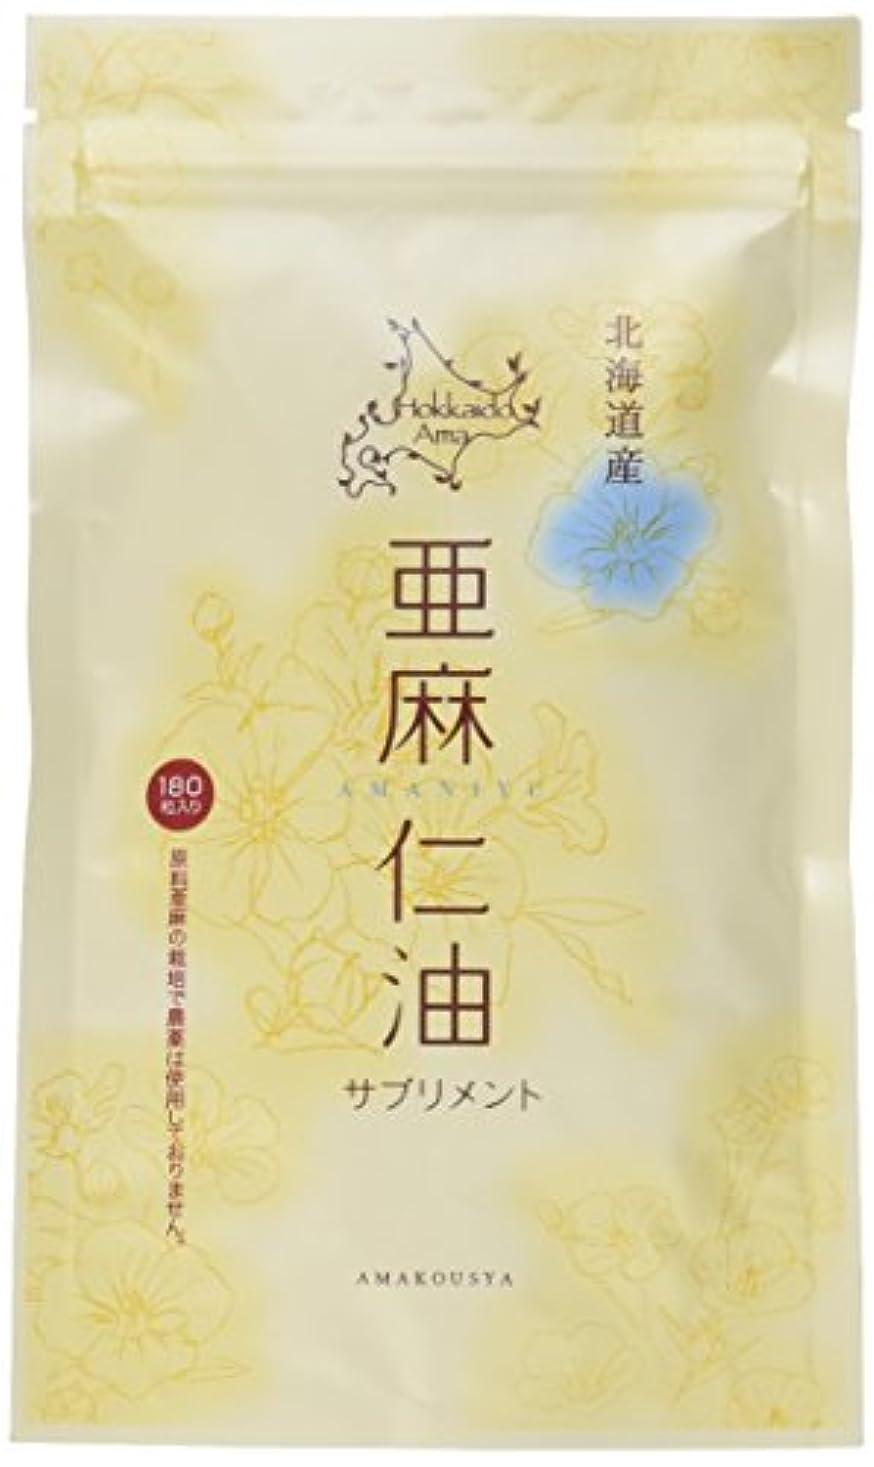 すべき一般的にお願いします北海道産亜麻仁油サプリメント 180粒入り